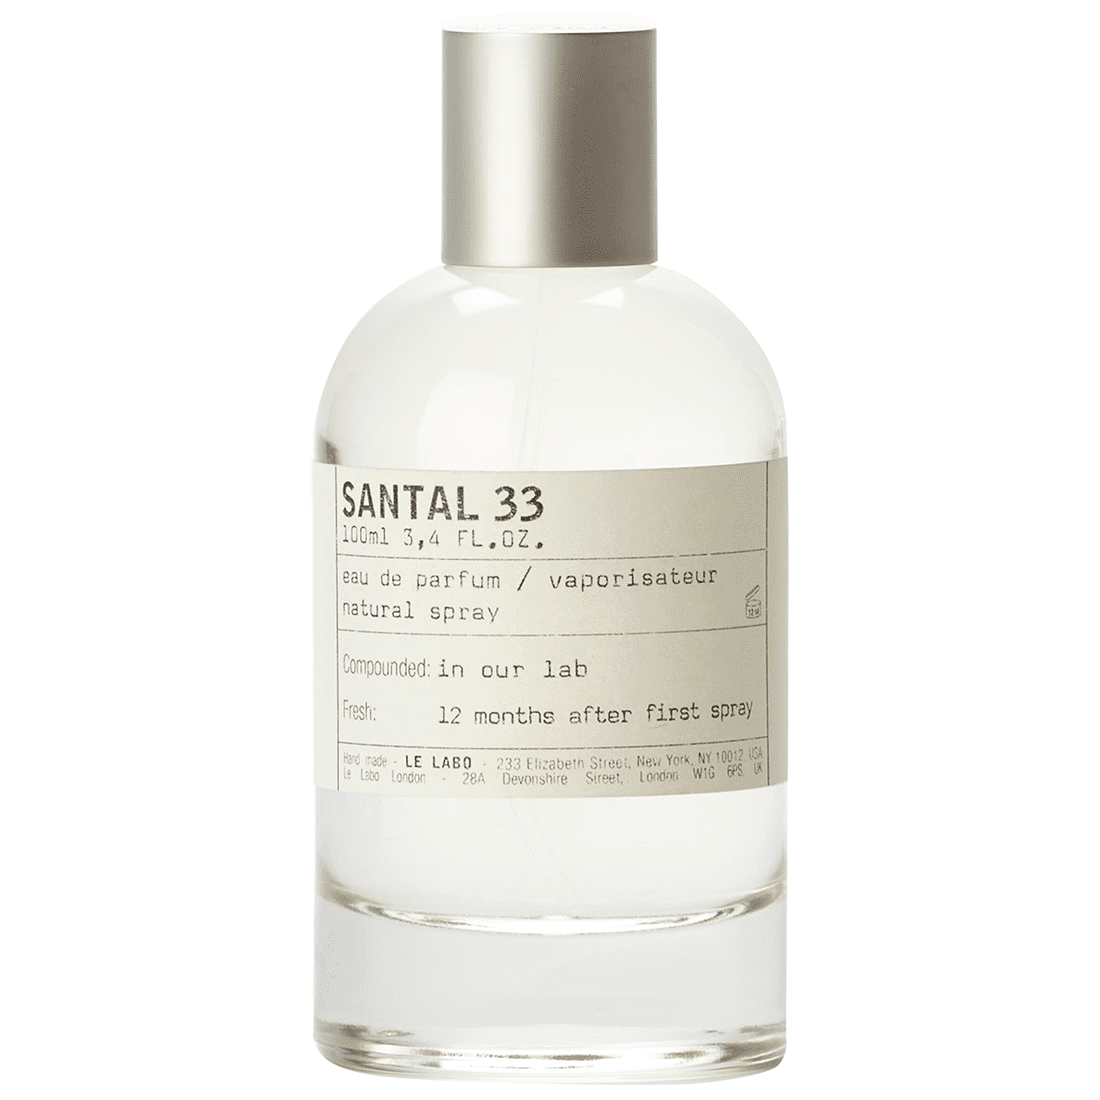 le-labo-santal-33